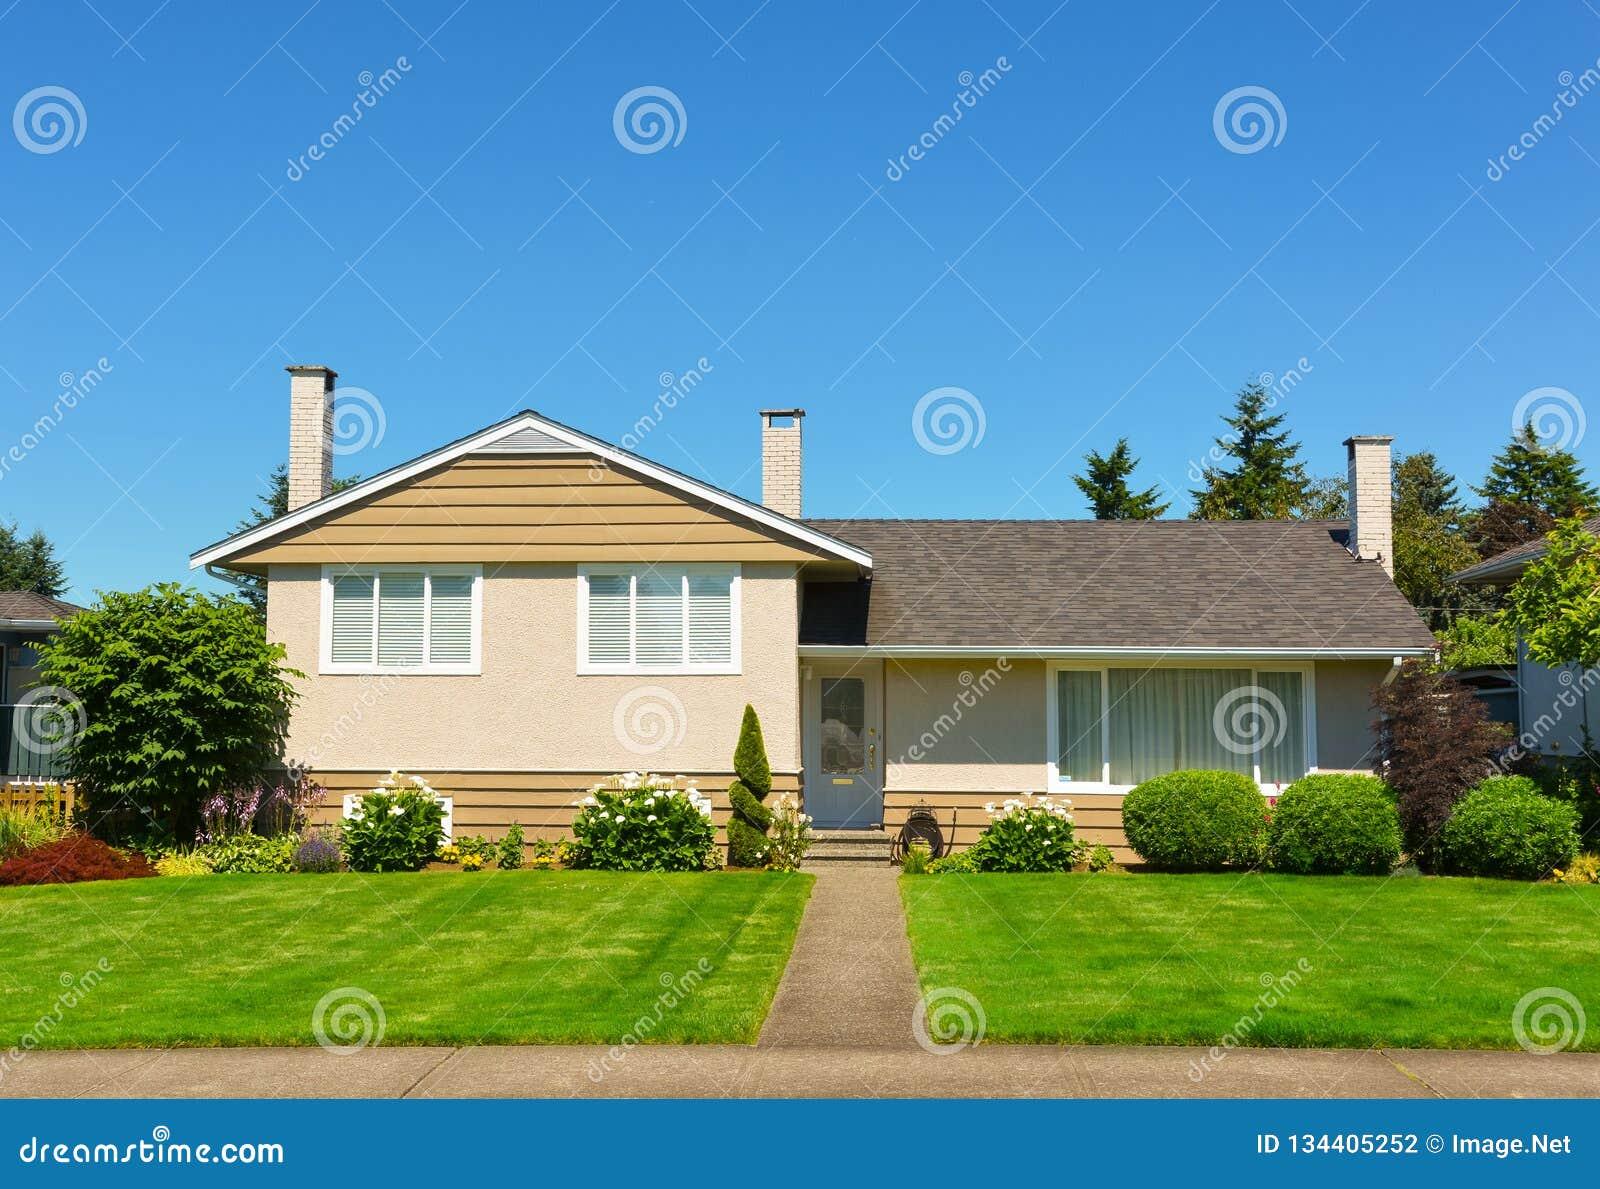 Μέσο οικογενειακό σπίτι με τον πράσινο χορτοτάπητα και δέντρα στο μέτωπο στο υπόβαθρο μπλε ουρανού